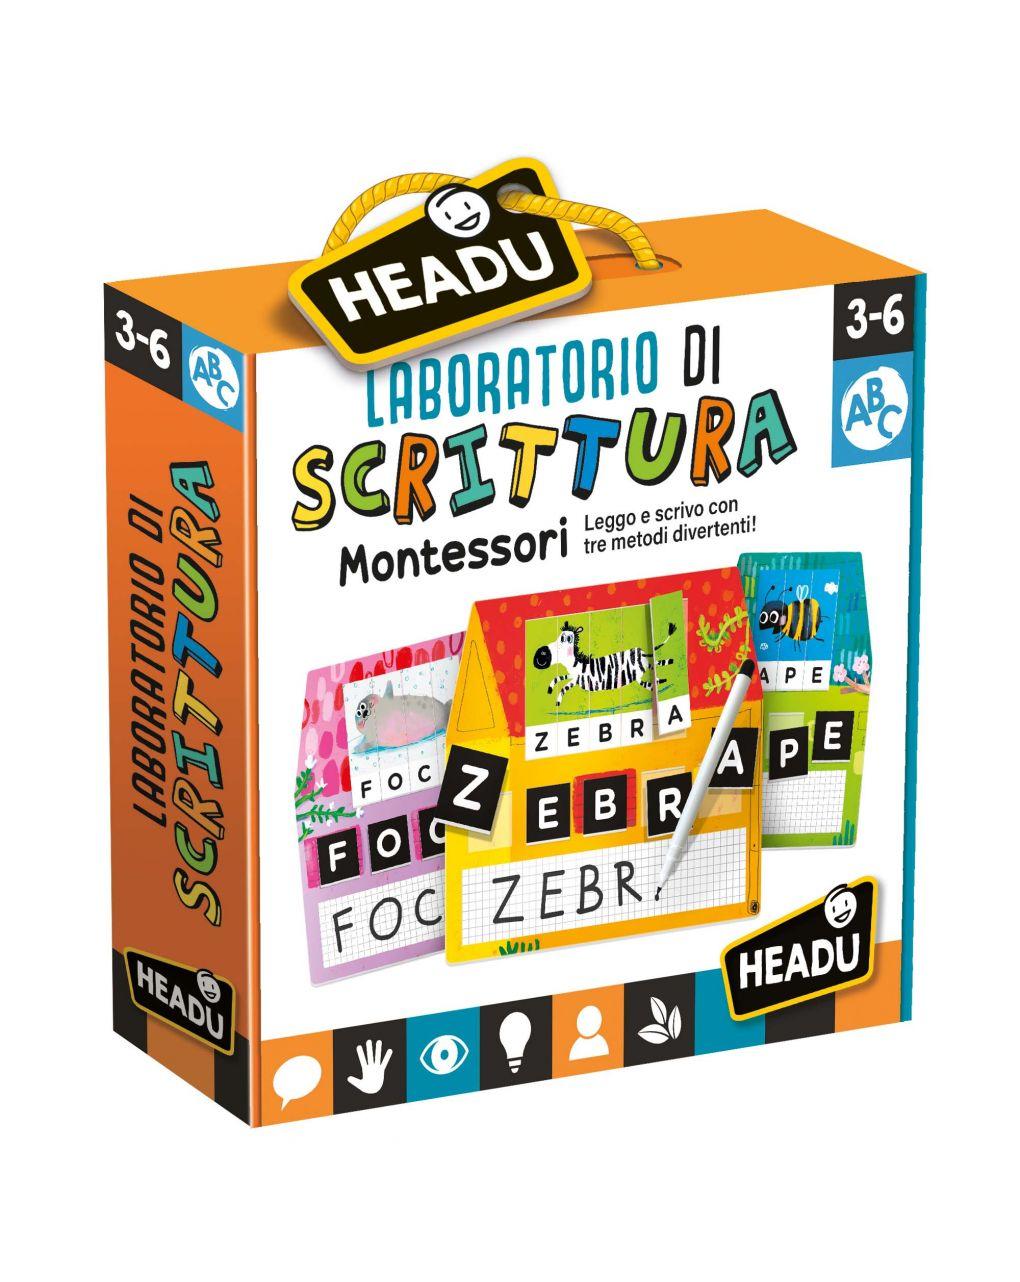 Headu - laboratorio di scrittura montessori - Headu